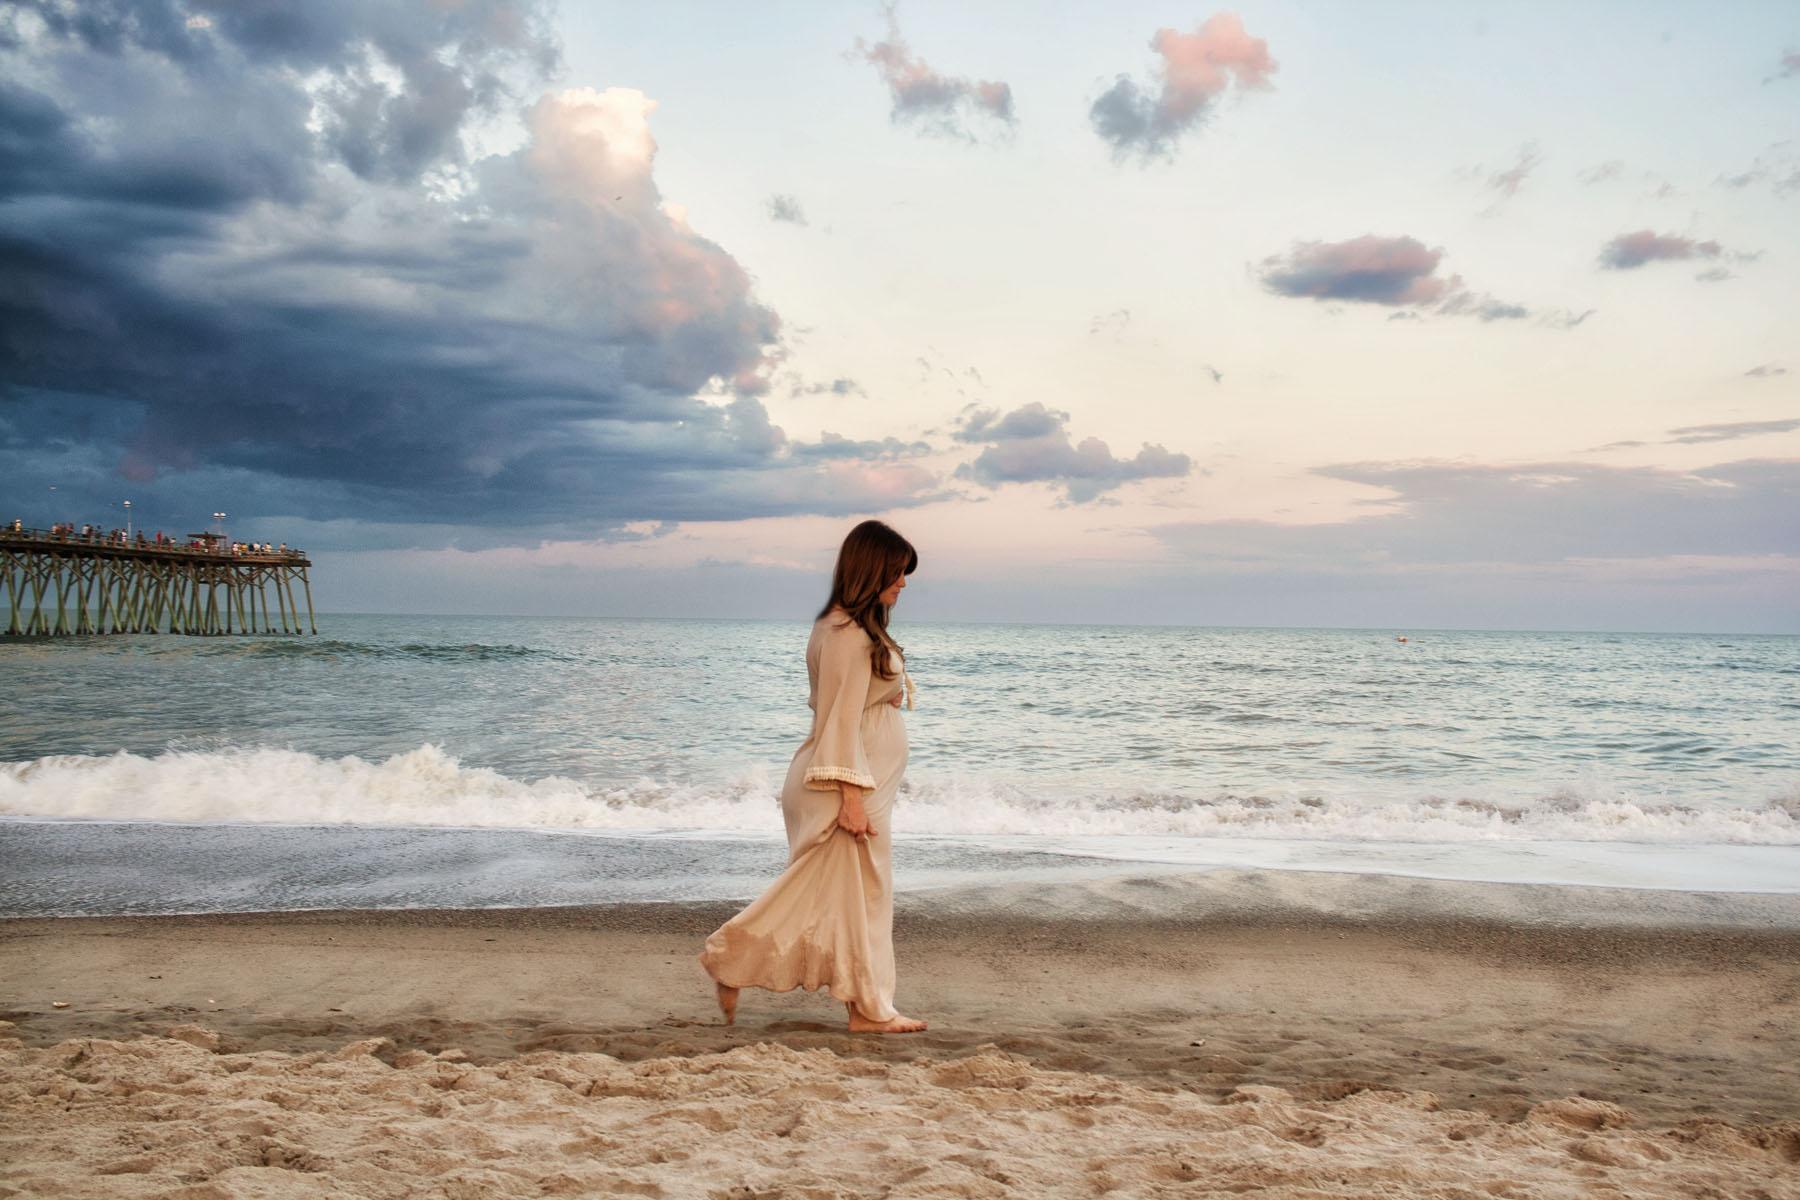 Kure_Beach_Maternity_Shoot_Tiffany_Abruzzo_Photography_2.jpg